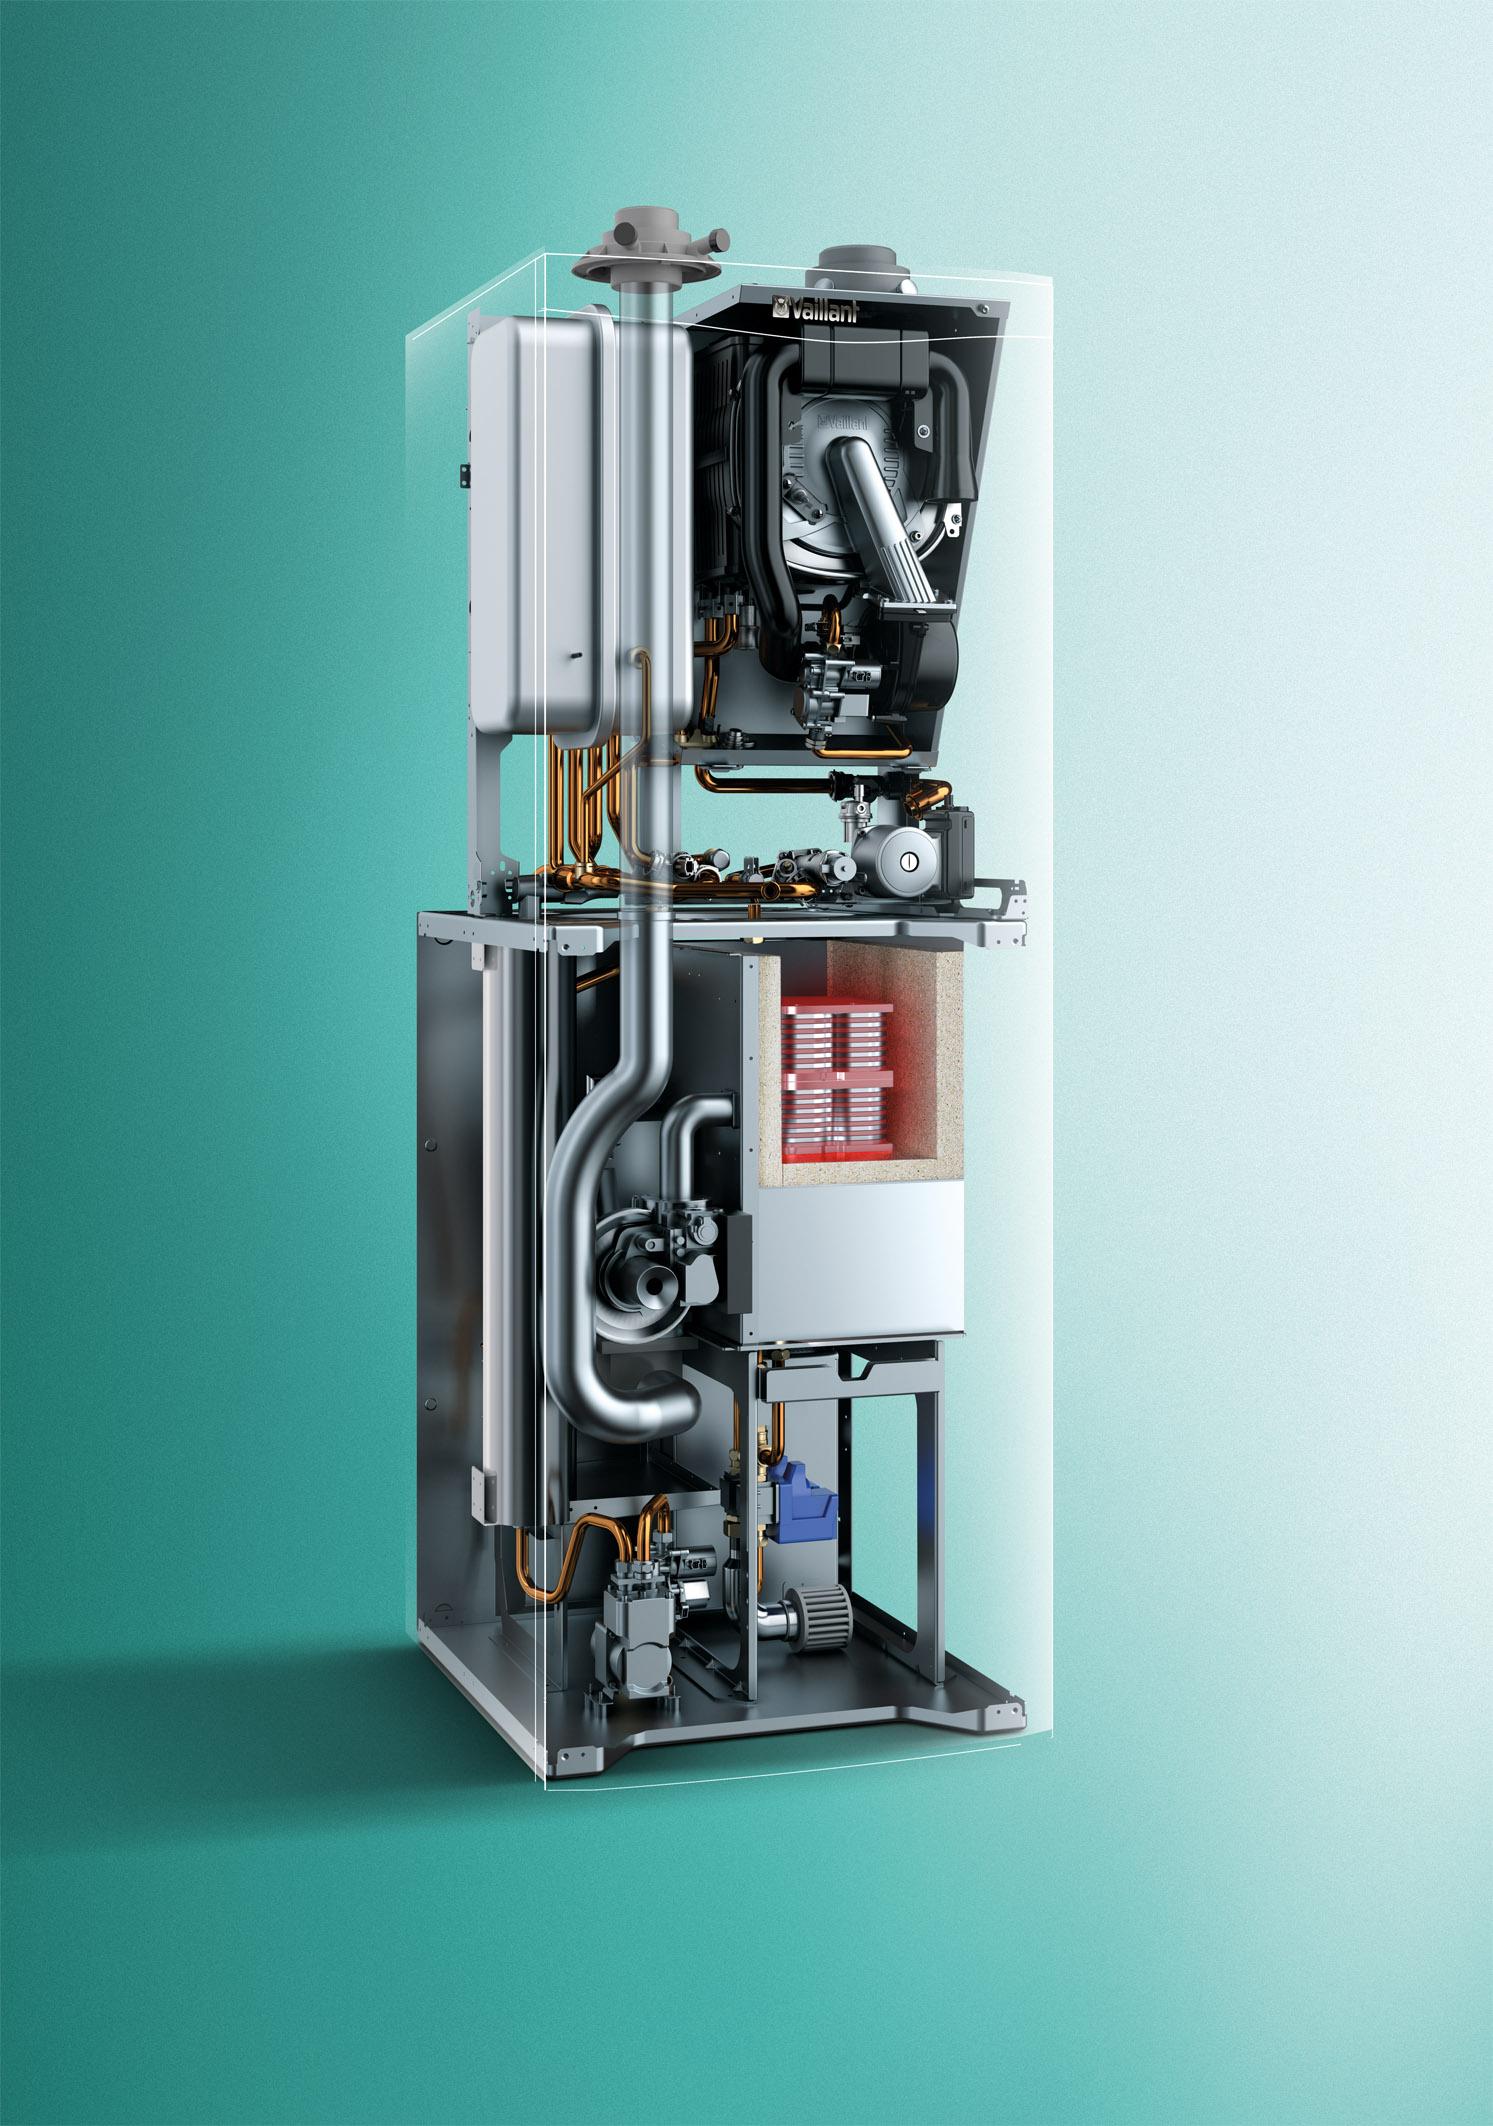 Eine Million Betriebsstunden mit Brennstoffzellen-Heizgeräten in den Projekten Callux und ene.field sowie ein erster Blick auf die kommende Gerätegeneration: Vaillant führt das Brennstoffzellen-Heizgerät weiter zur Serienreife.